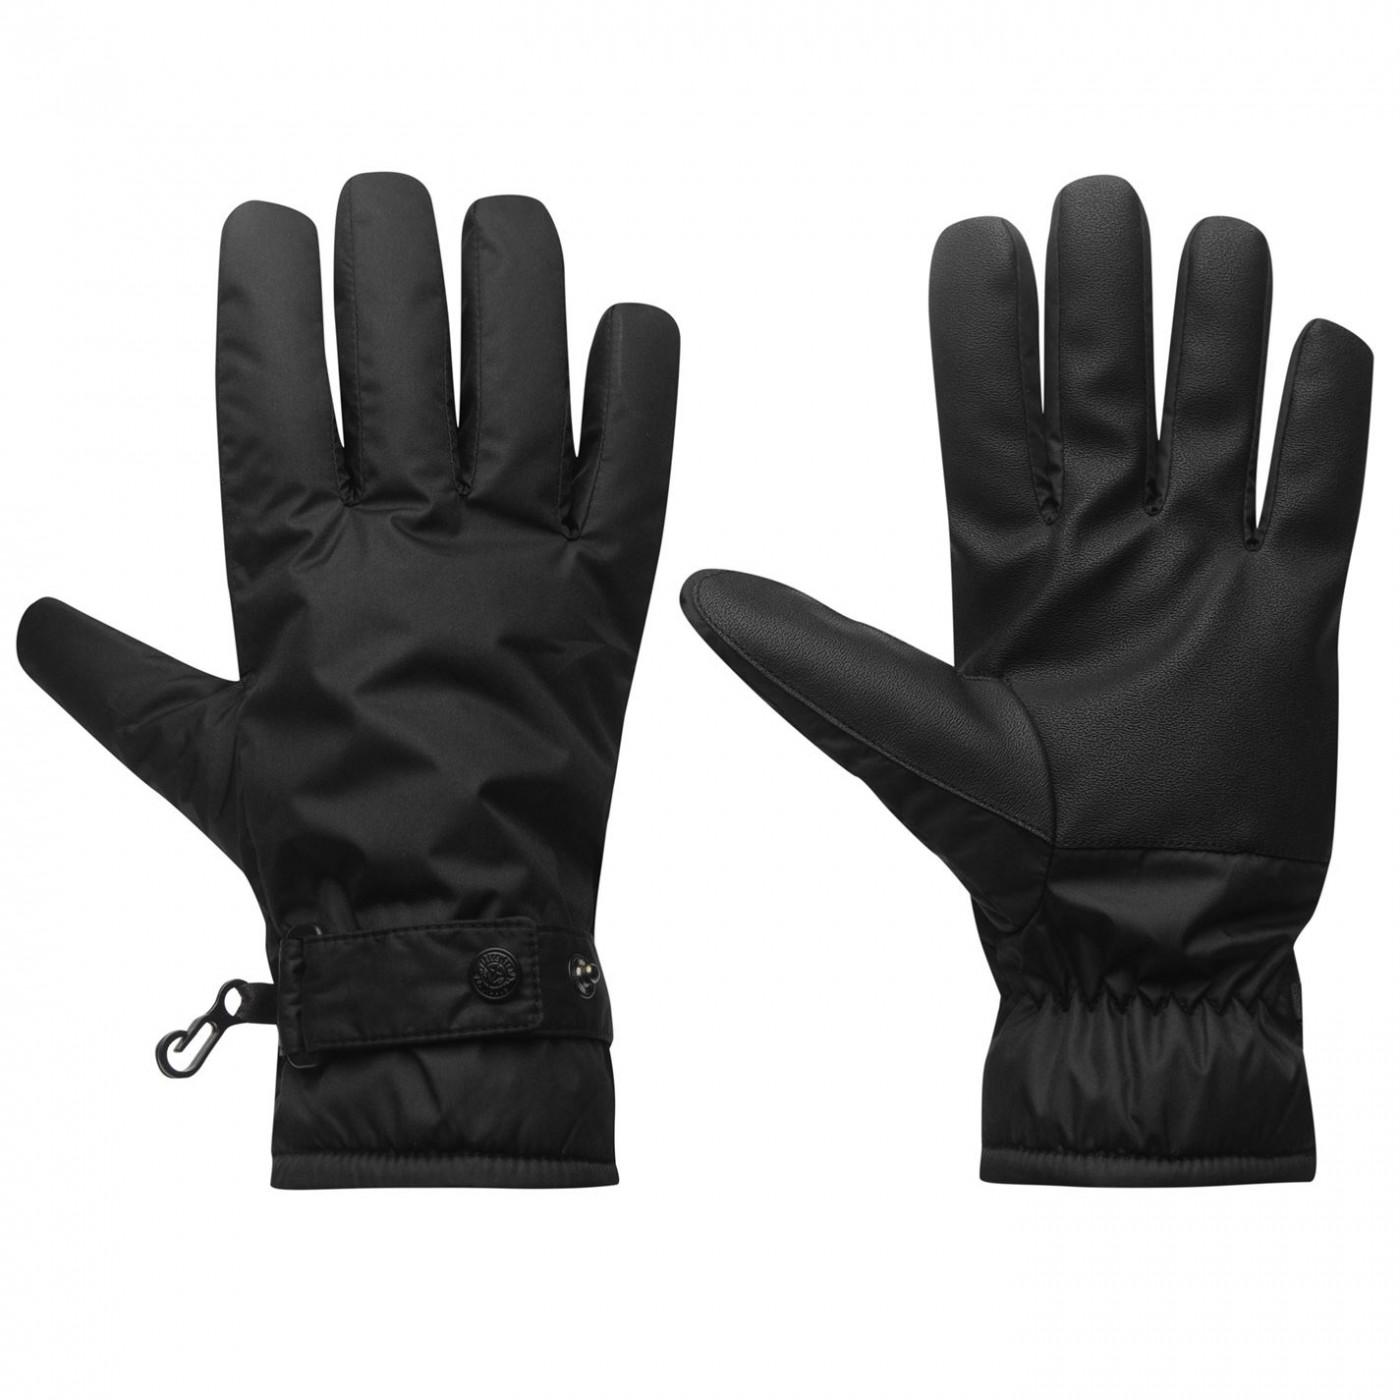 2ff8159fd10 Firetrap Fabric GloveSn81 - FACTCOOL